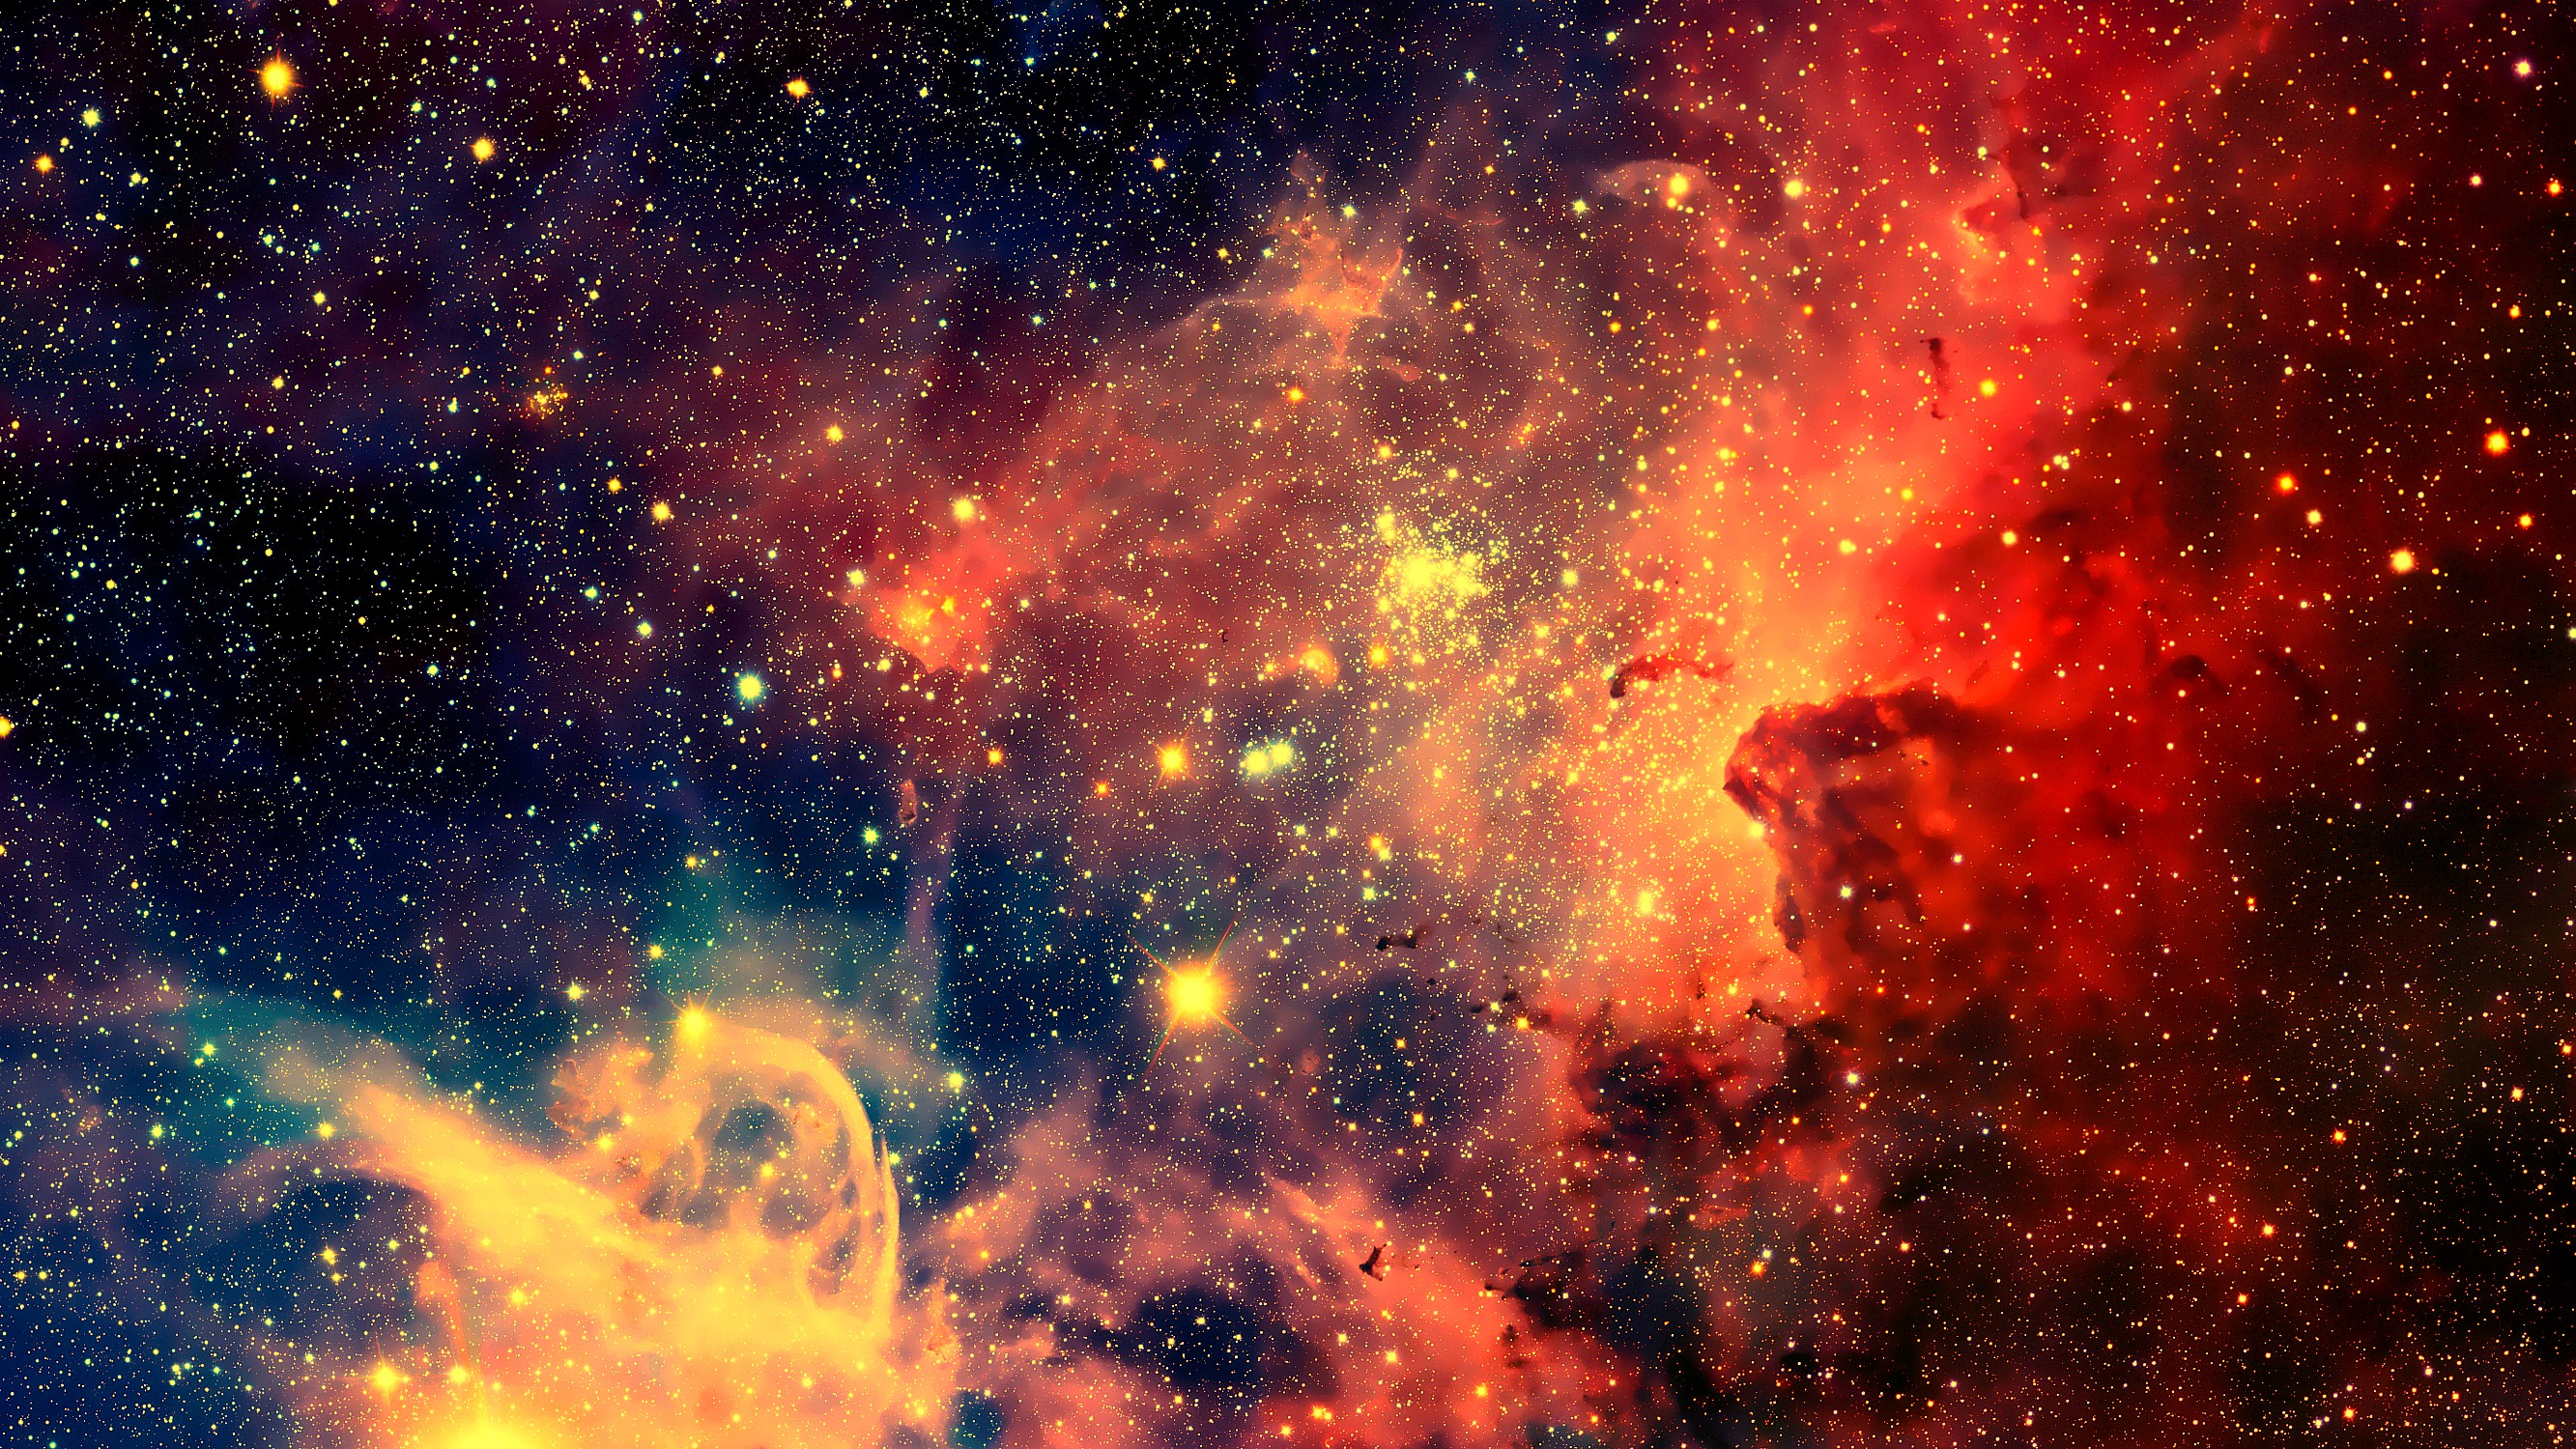 картинки с эффектом космос отчетом